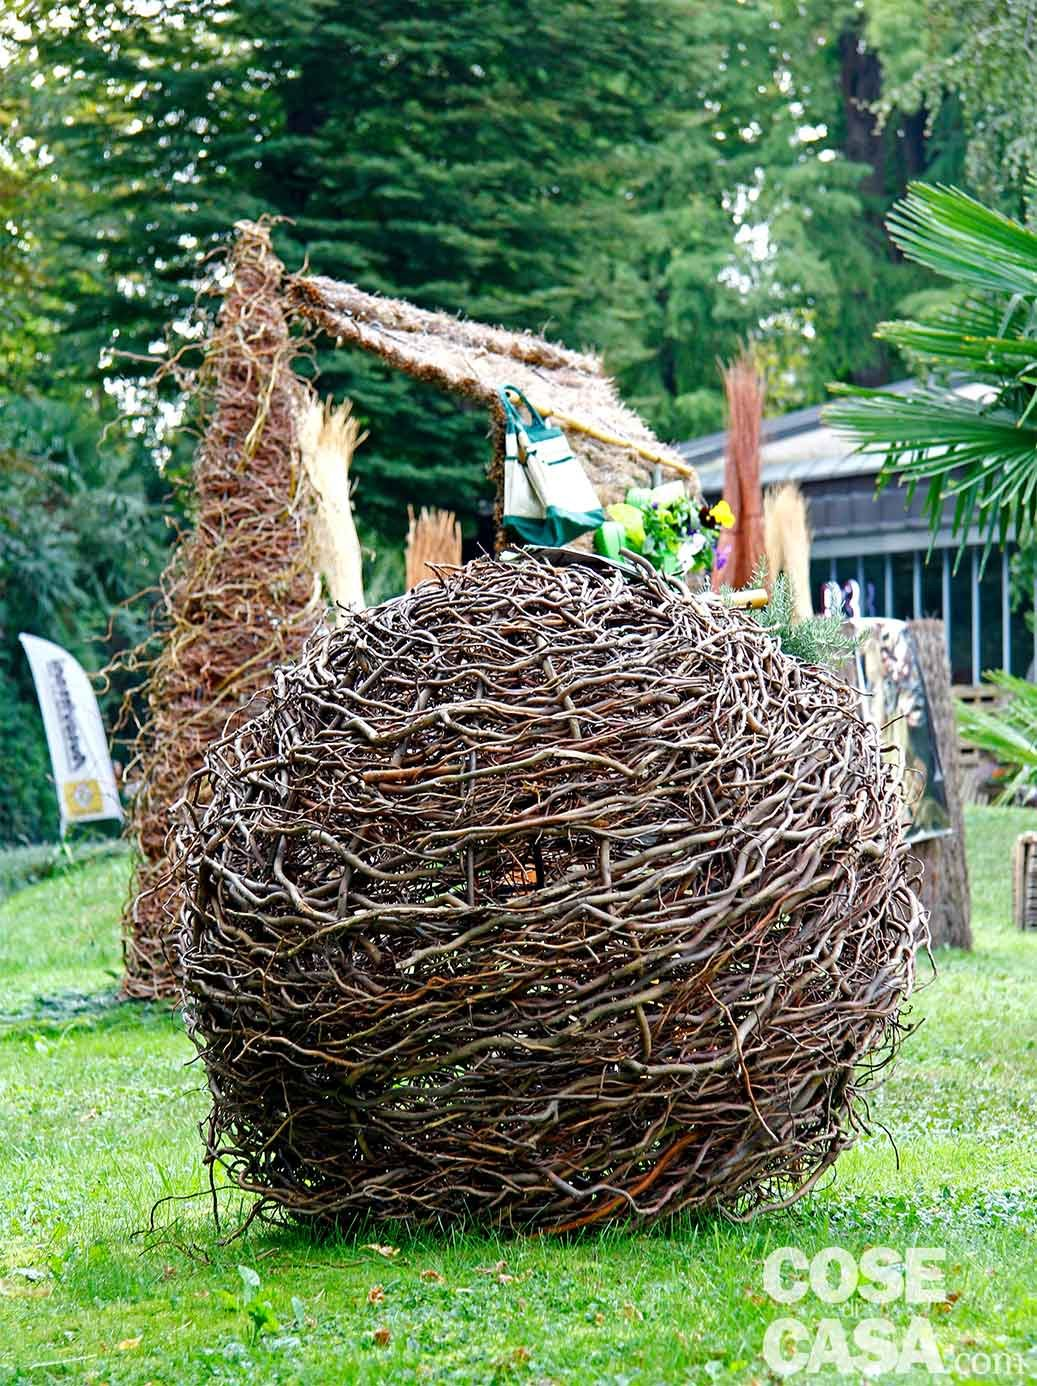 Idee da copiare per valorizzare il giardino cose di casa - Idee per realizzare un giardino ...